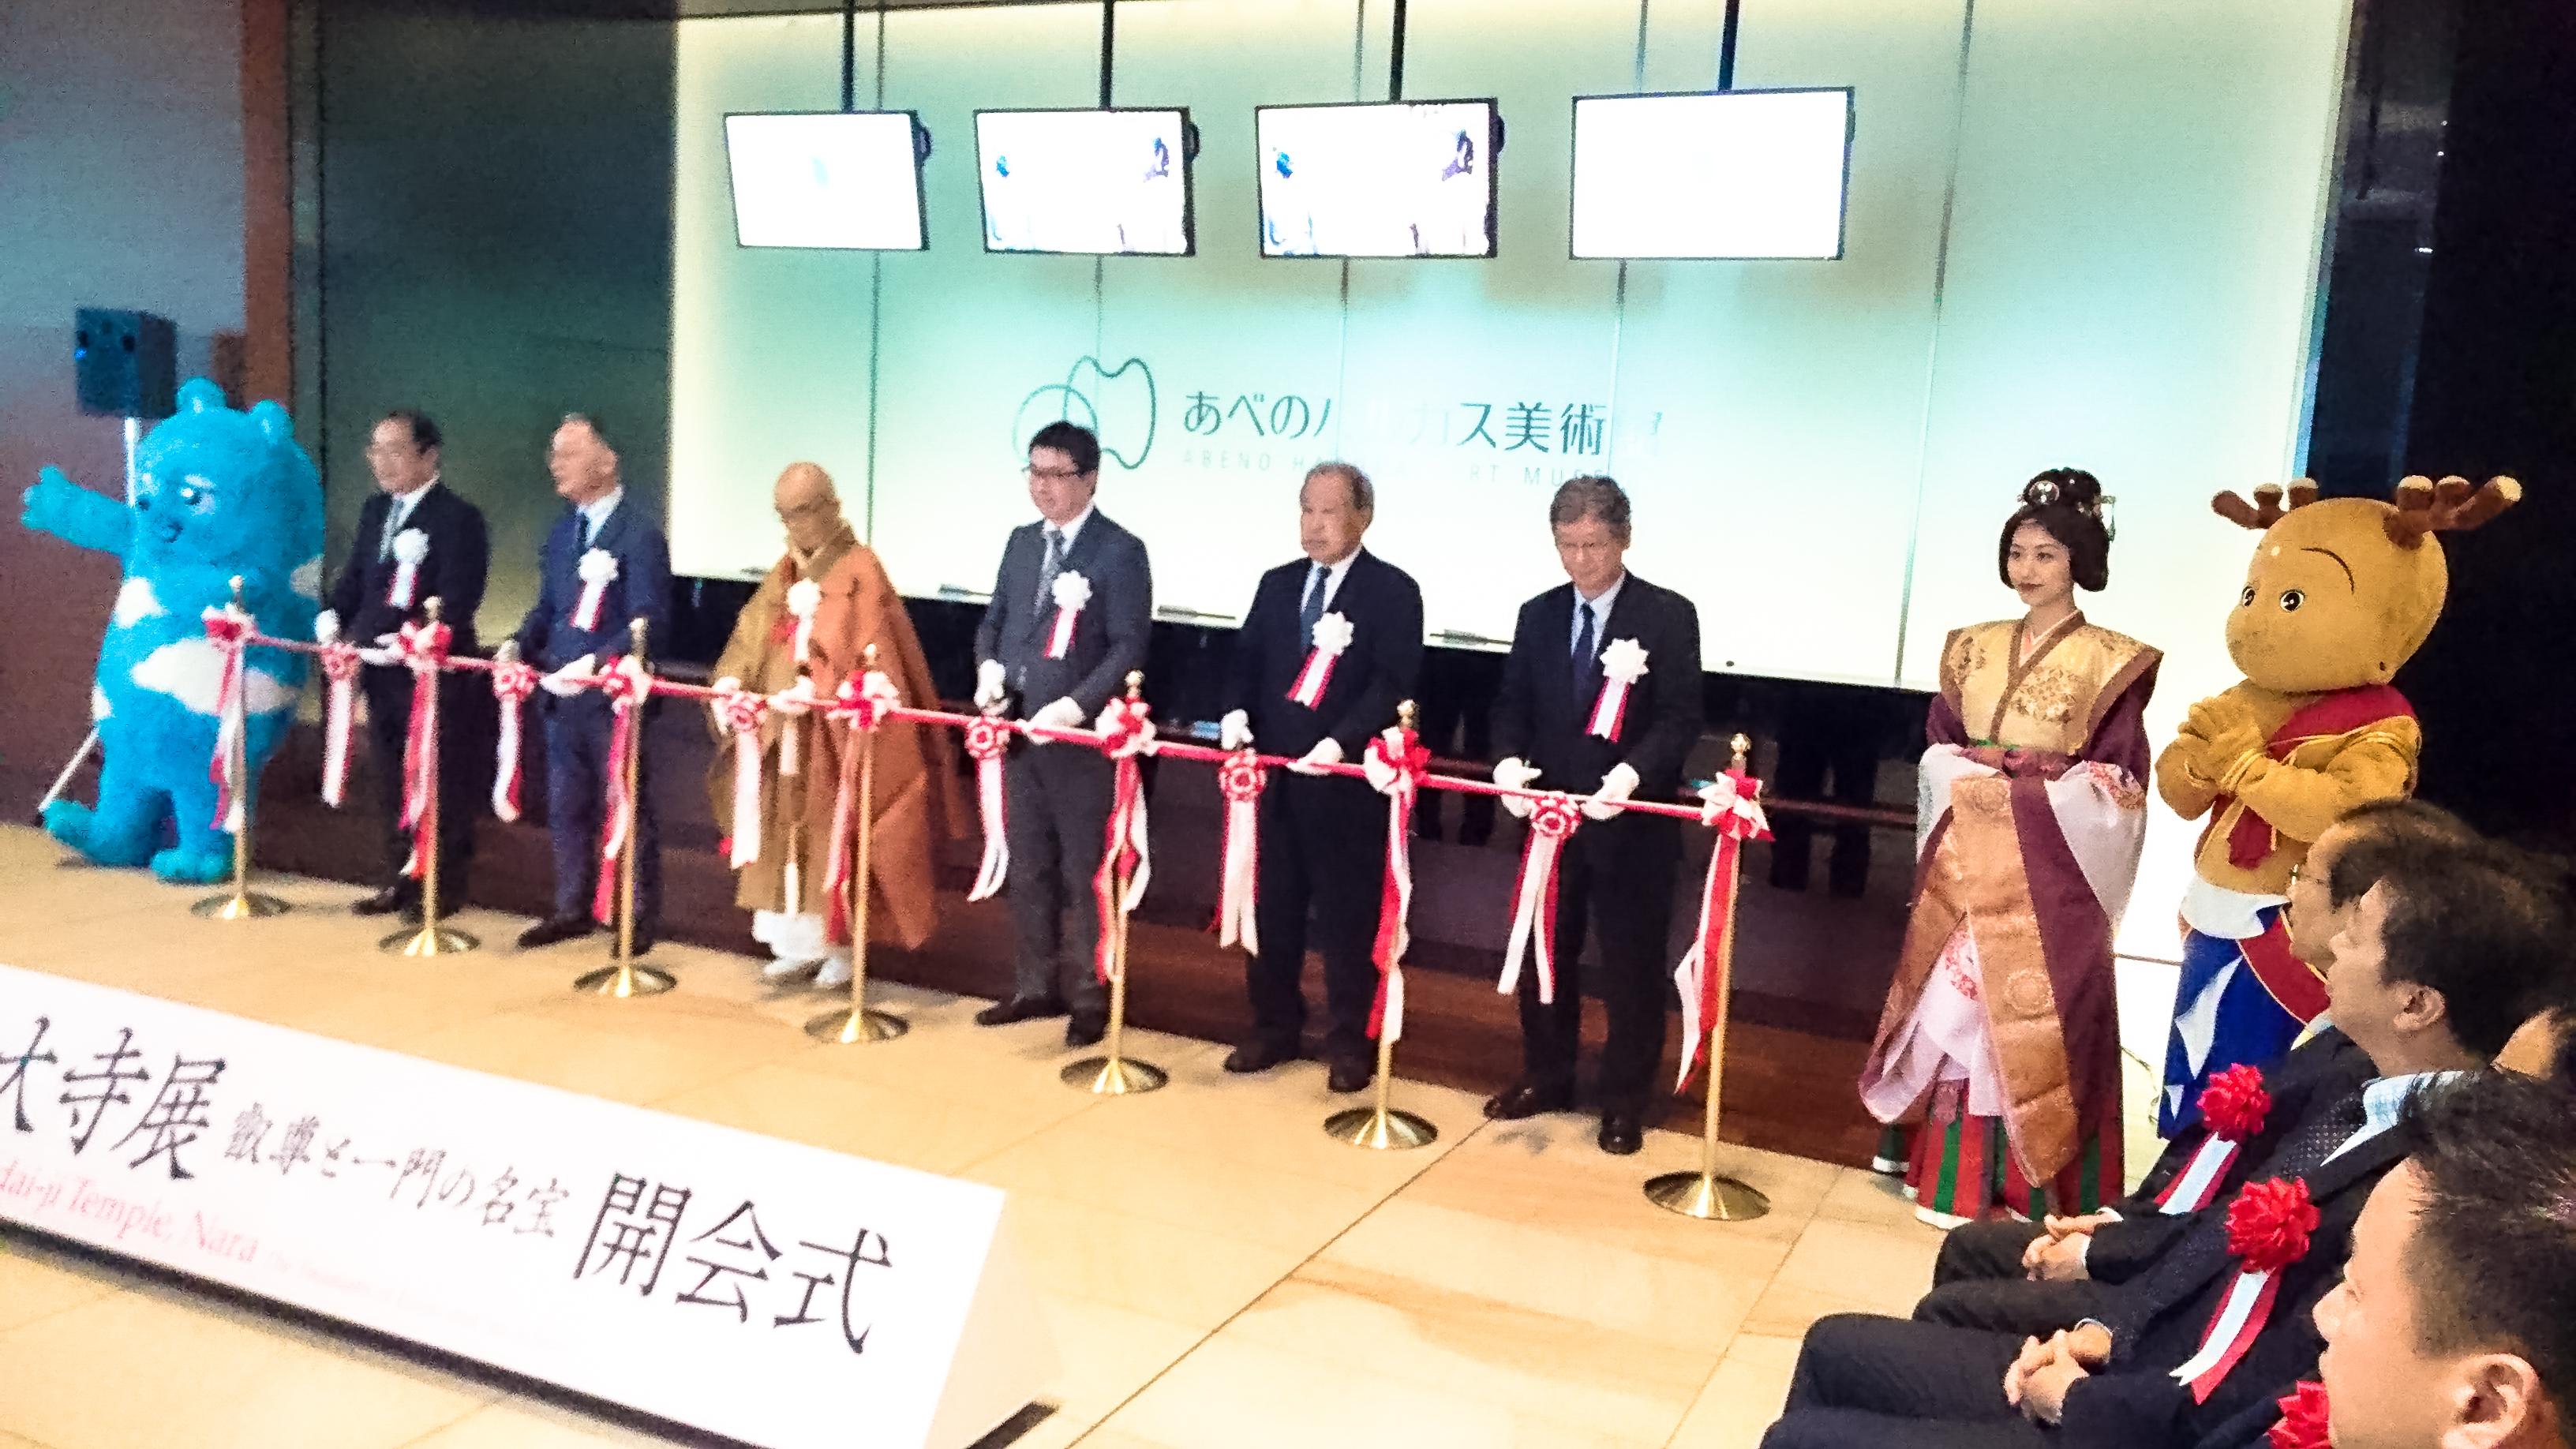 マスコットキャラクターも参加して西大寺展テープカット